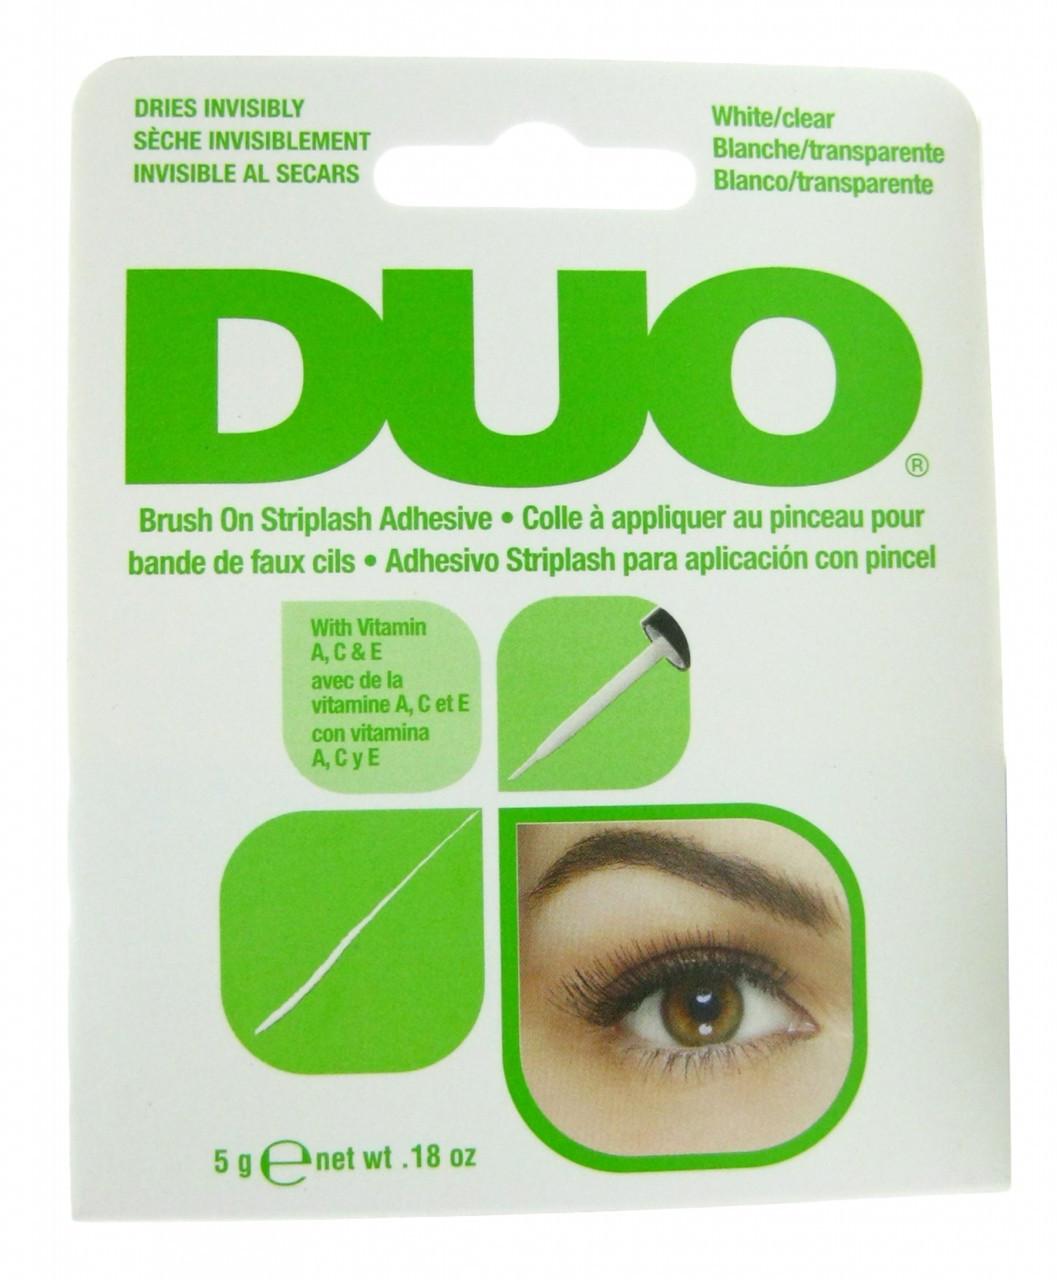 Duo Eyelash Adhesive Duo Clear Brush On Striplash Adhesive ...